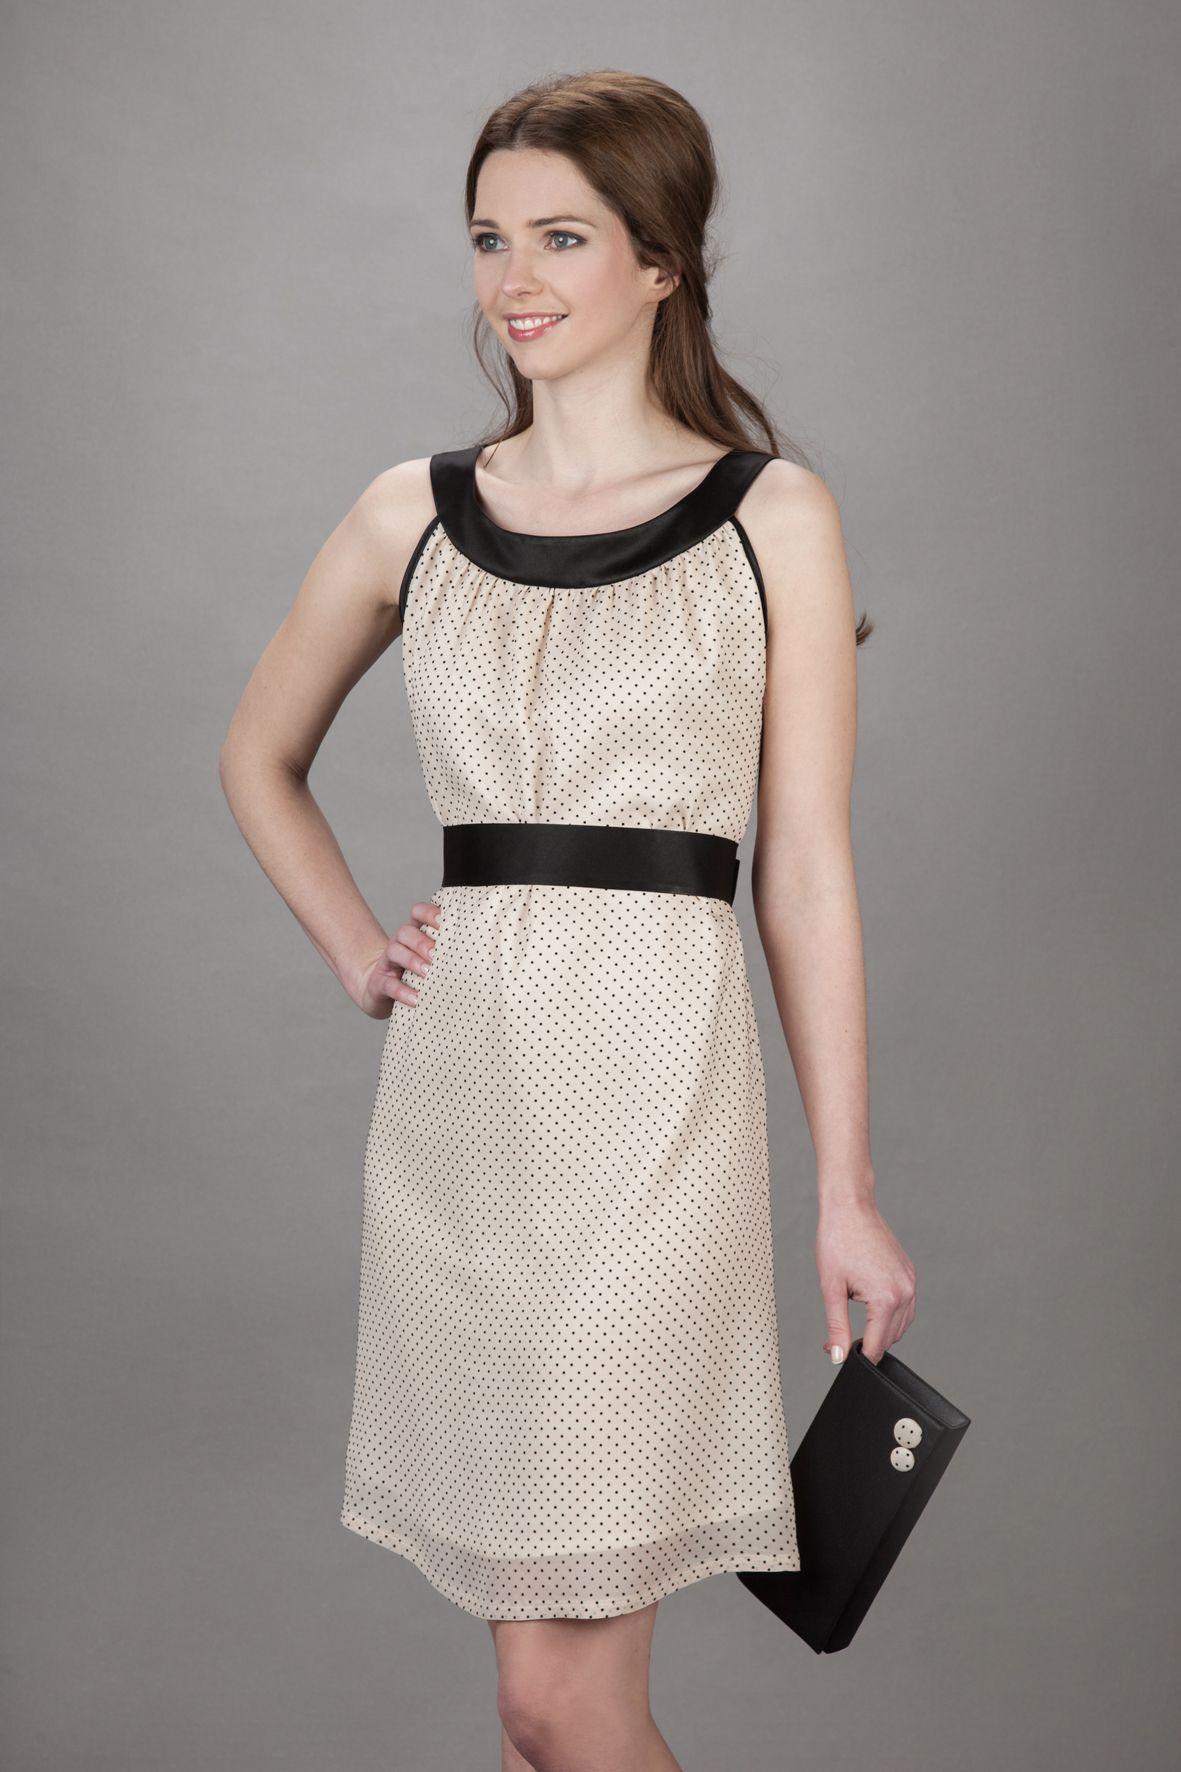 Labude - Kleid Holly ist ein schwarz/beige-gepunktetes Kleid aus ...